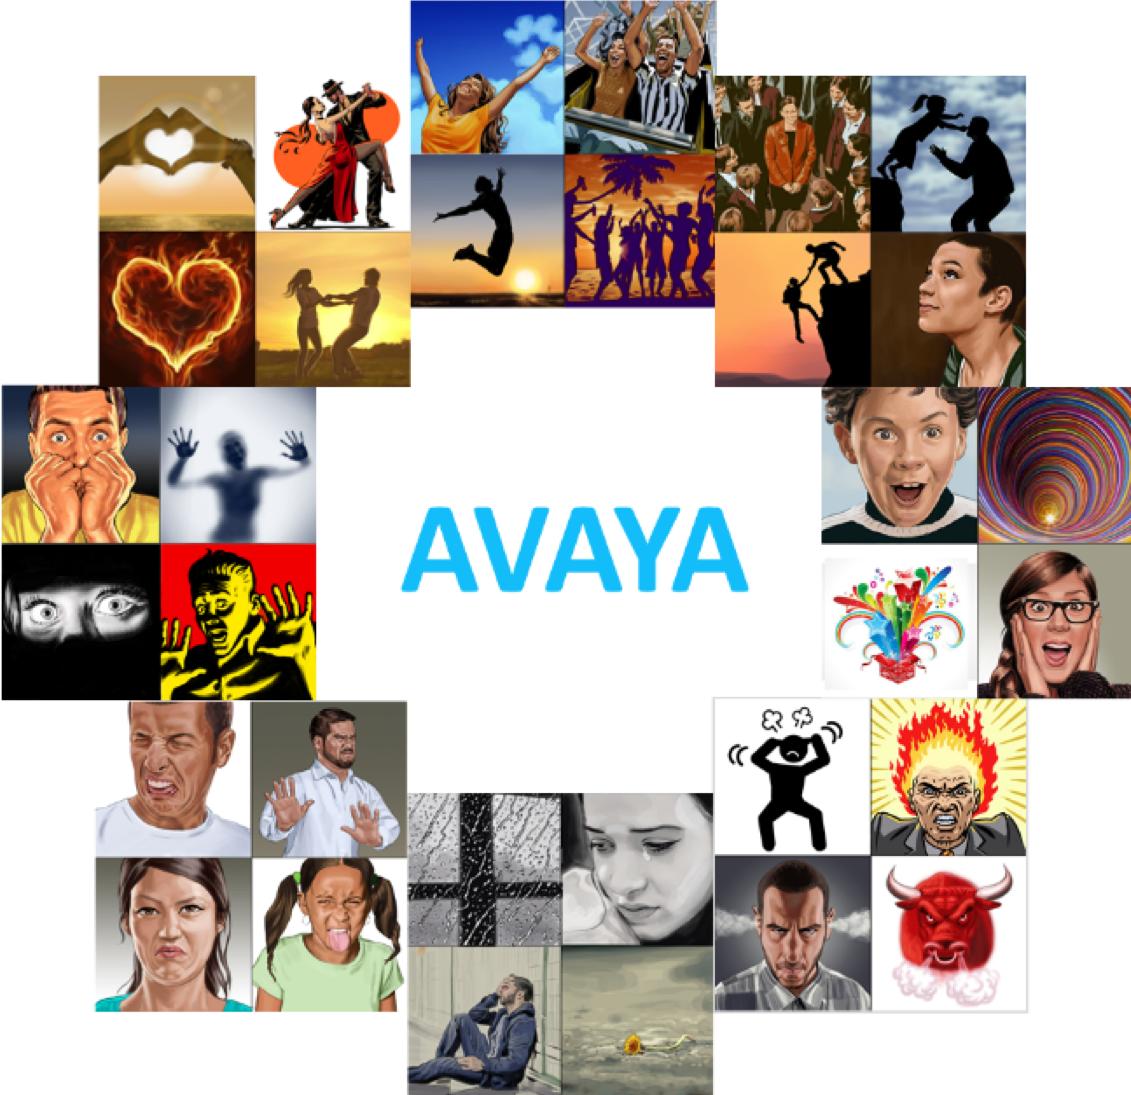 AVAYA image - 8 emotional domains